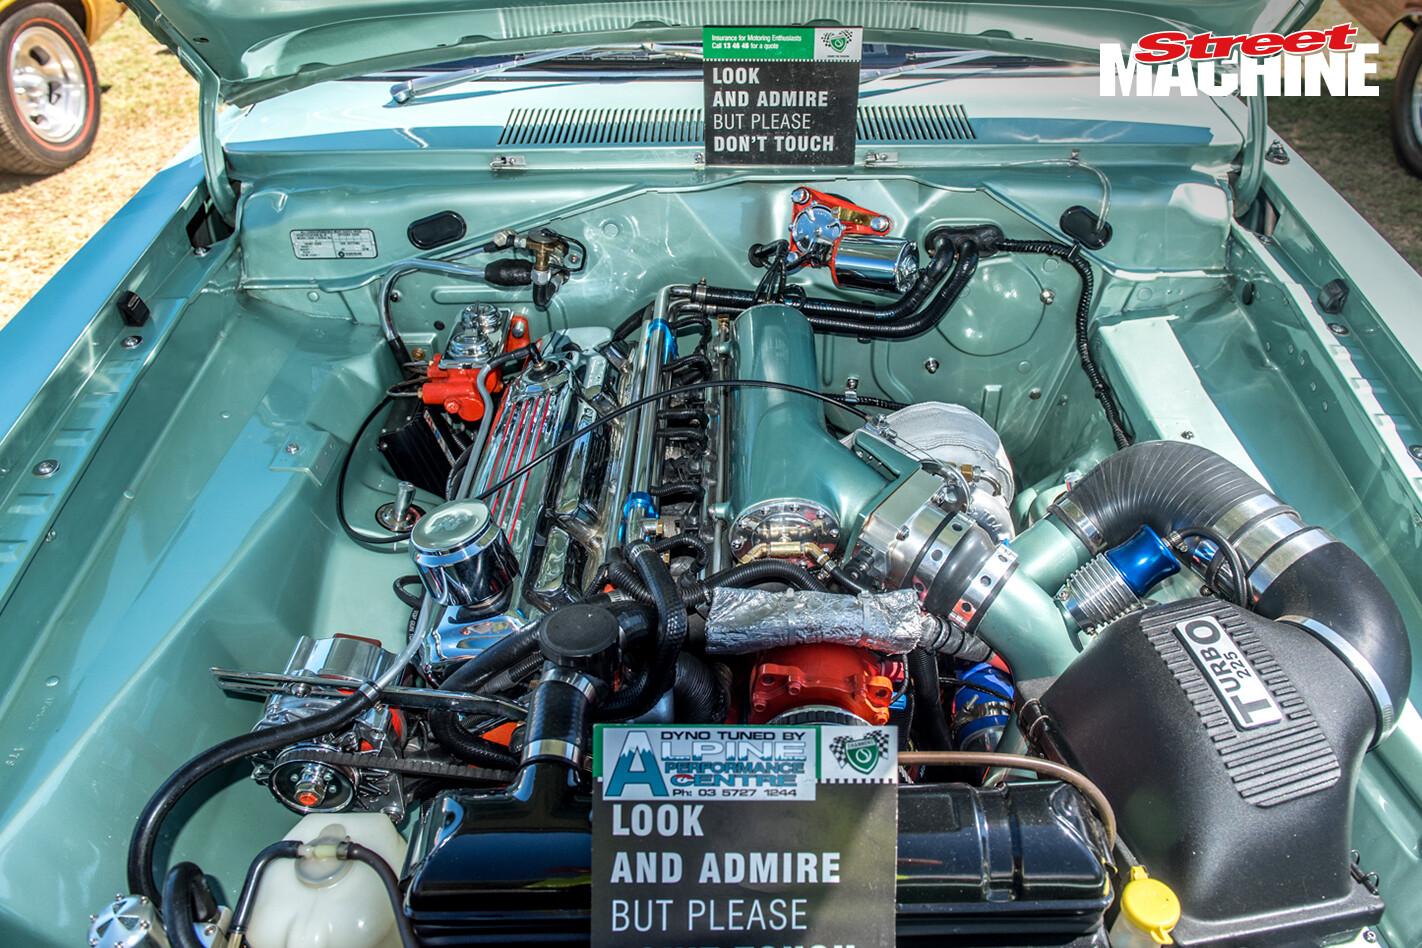 Chrysler Valiant Ute Turbo 4 Nw Jpg